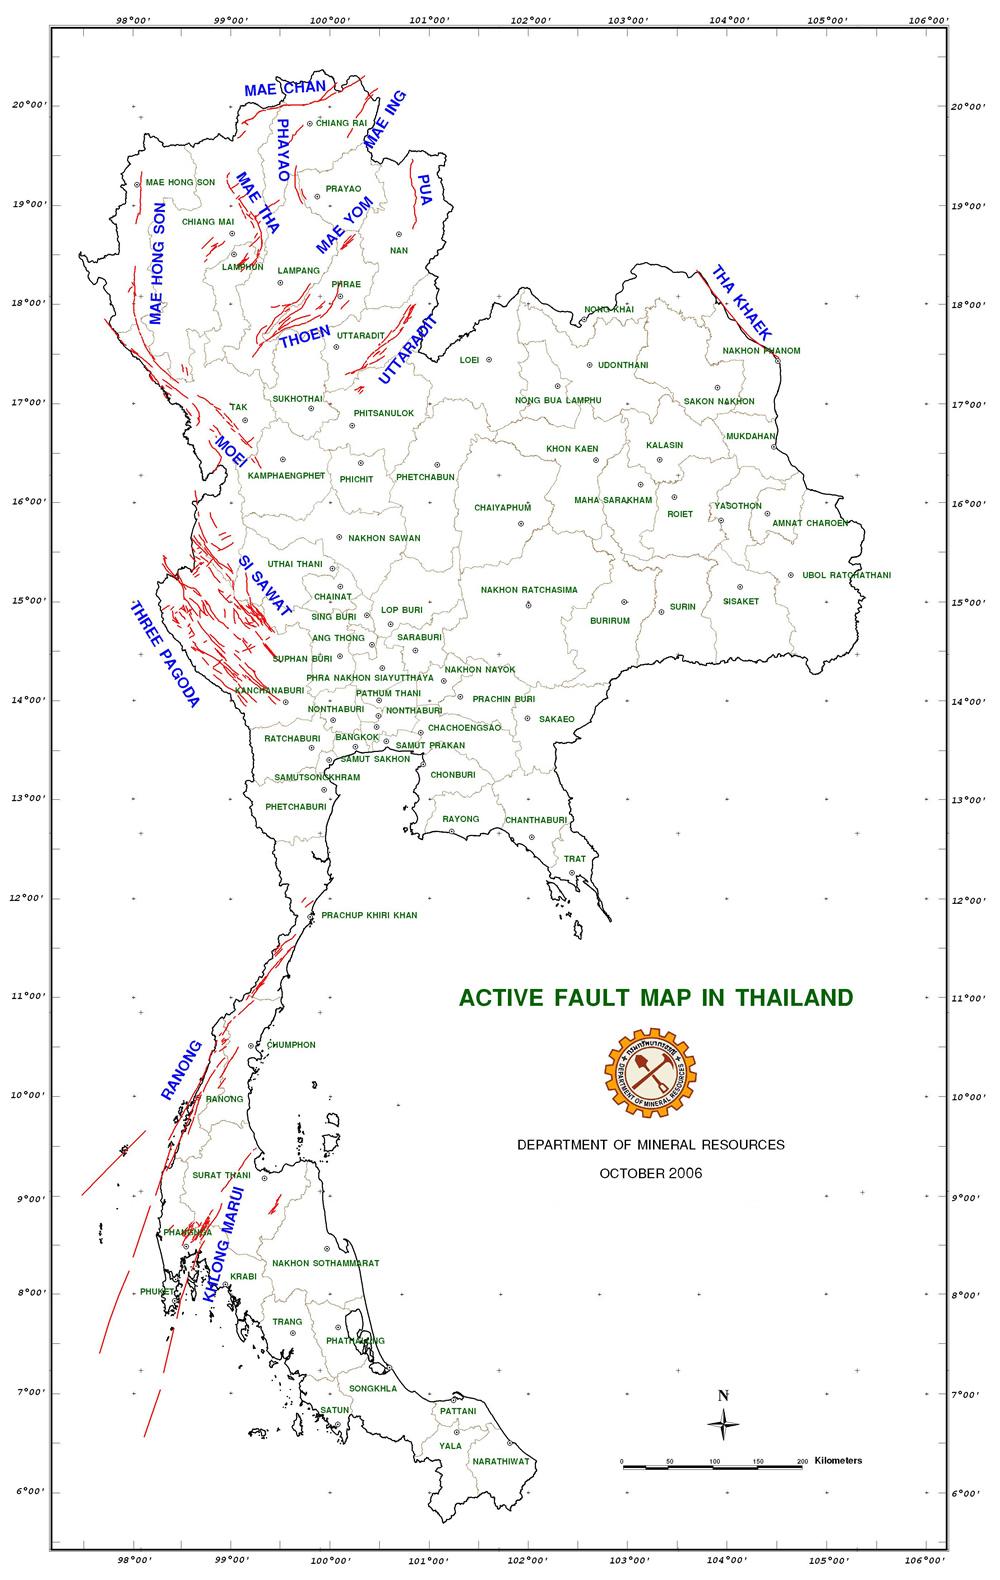 タイ王国工業省鉱物資源局により活断層地図